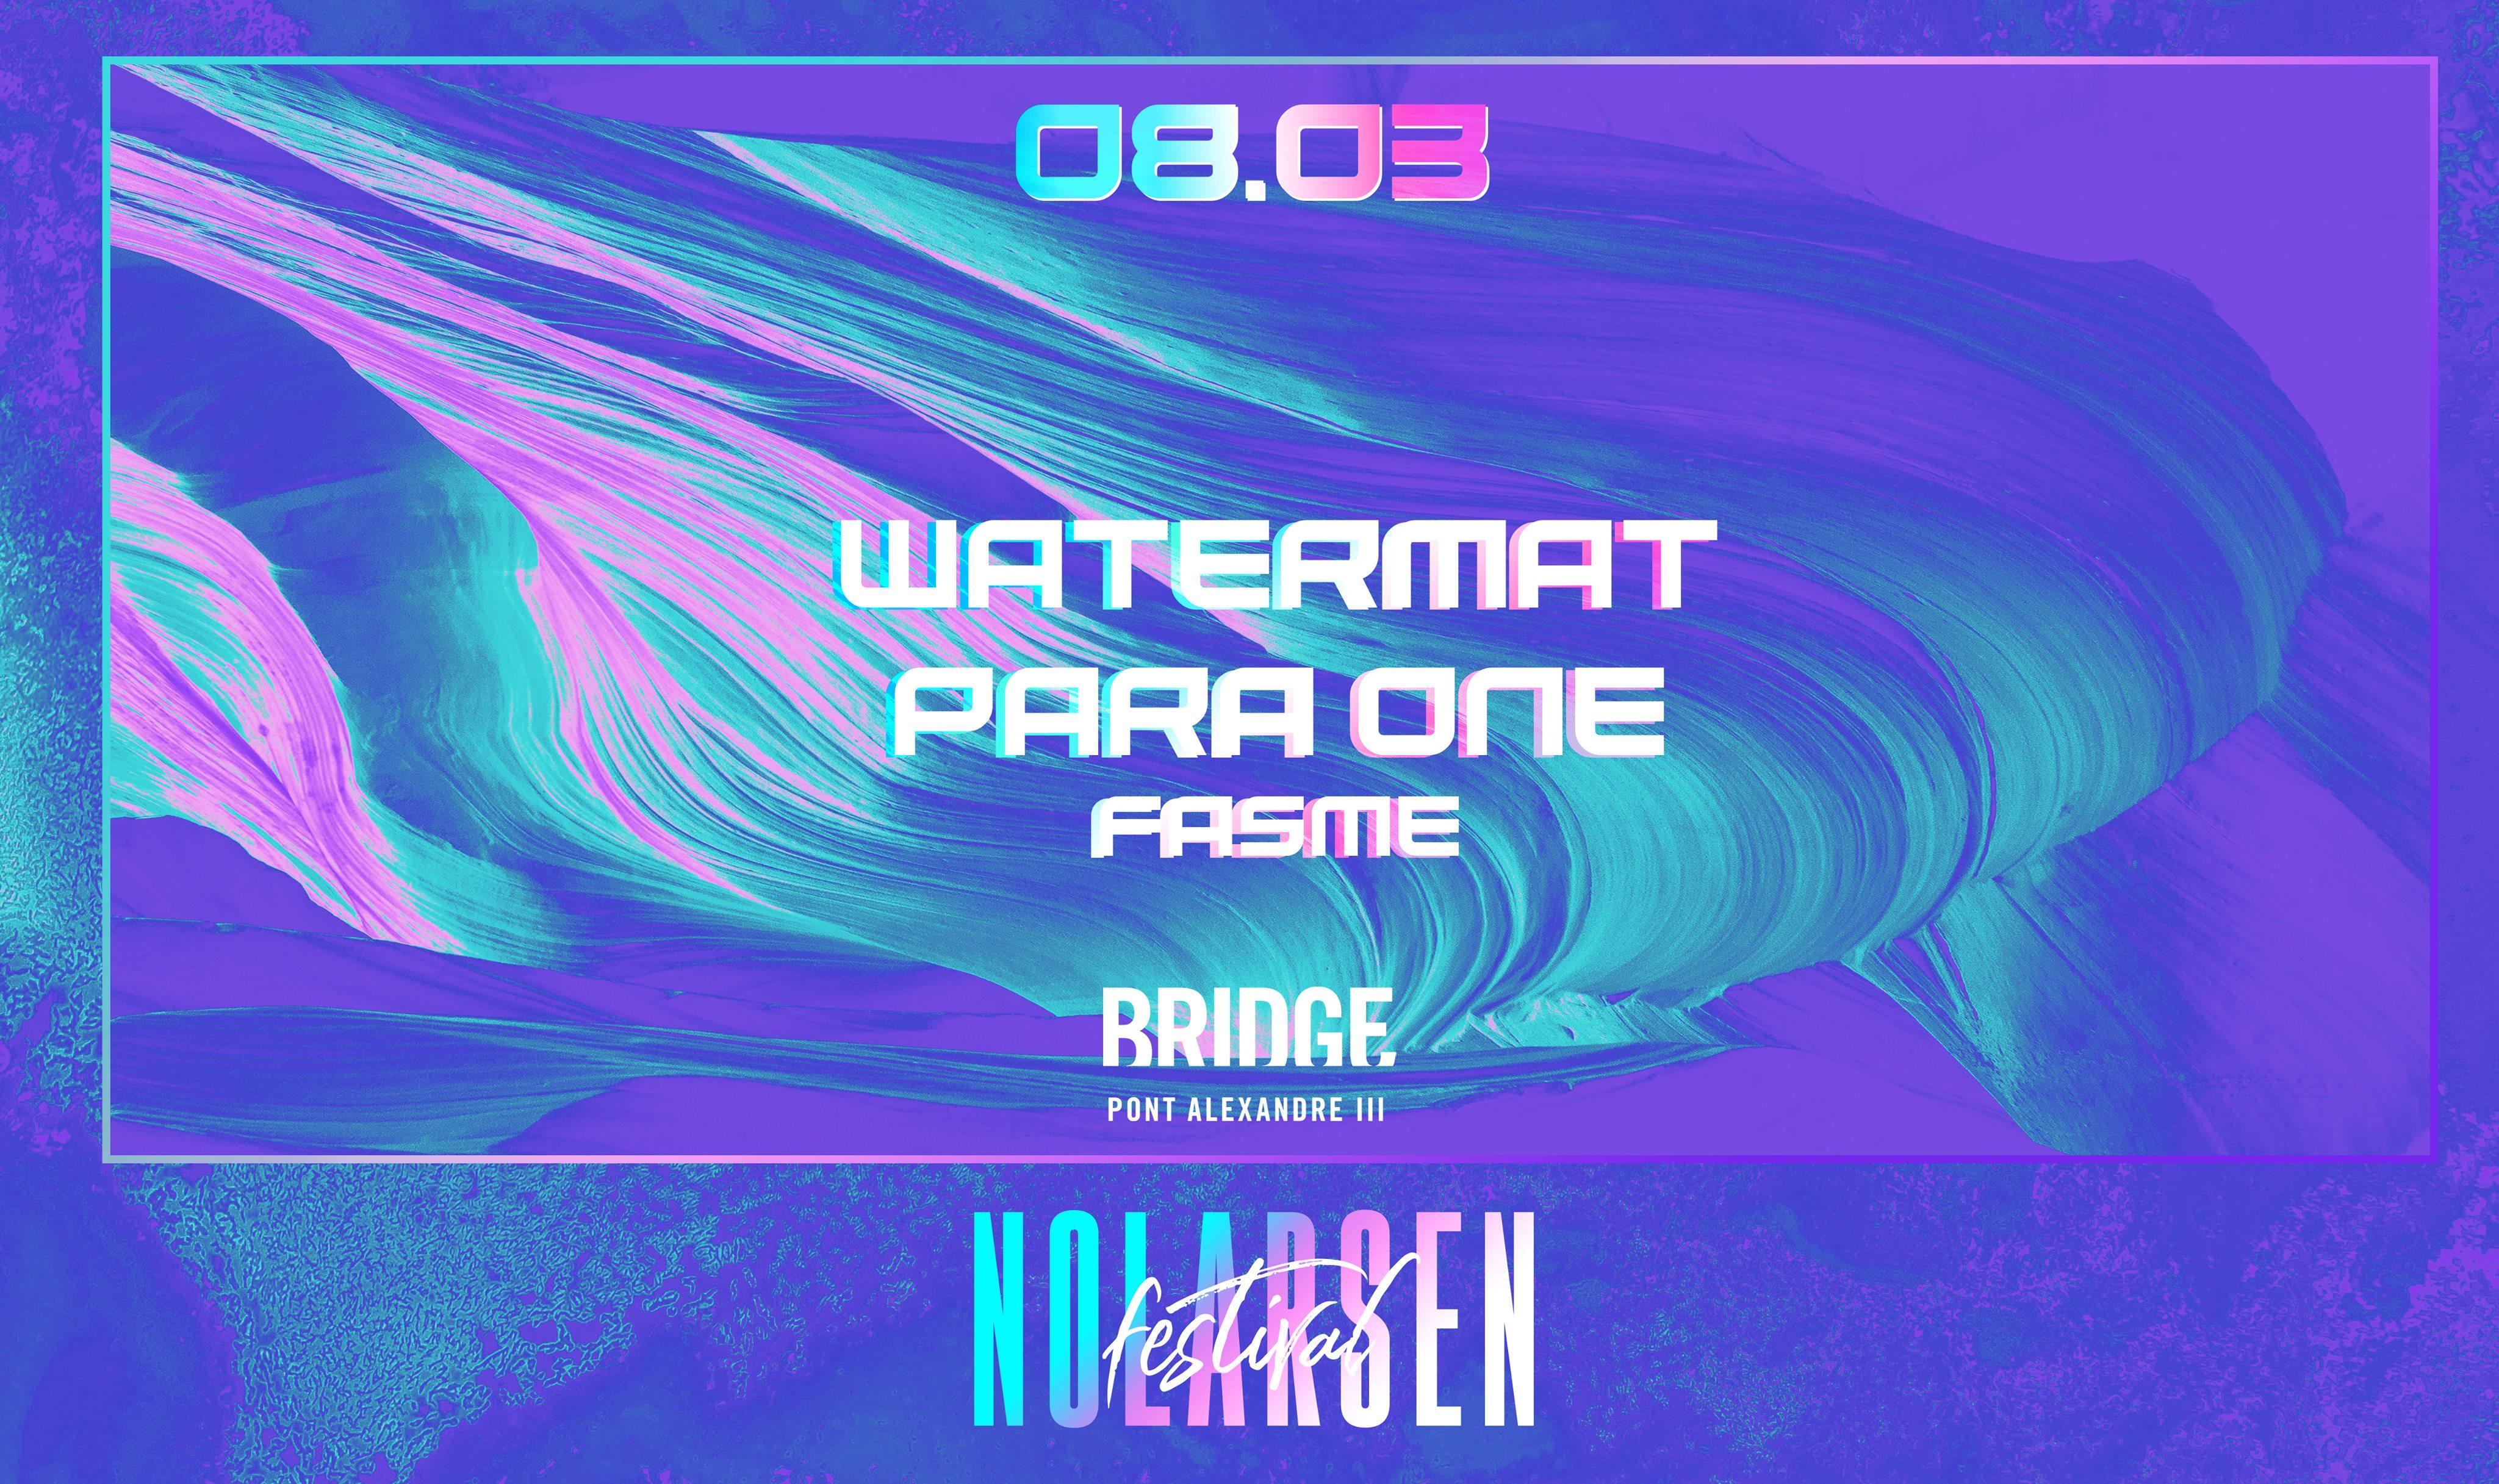 NLF invite Watermät, Para One & Fasme @Bridge